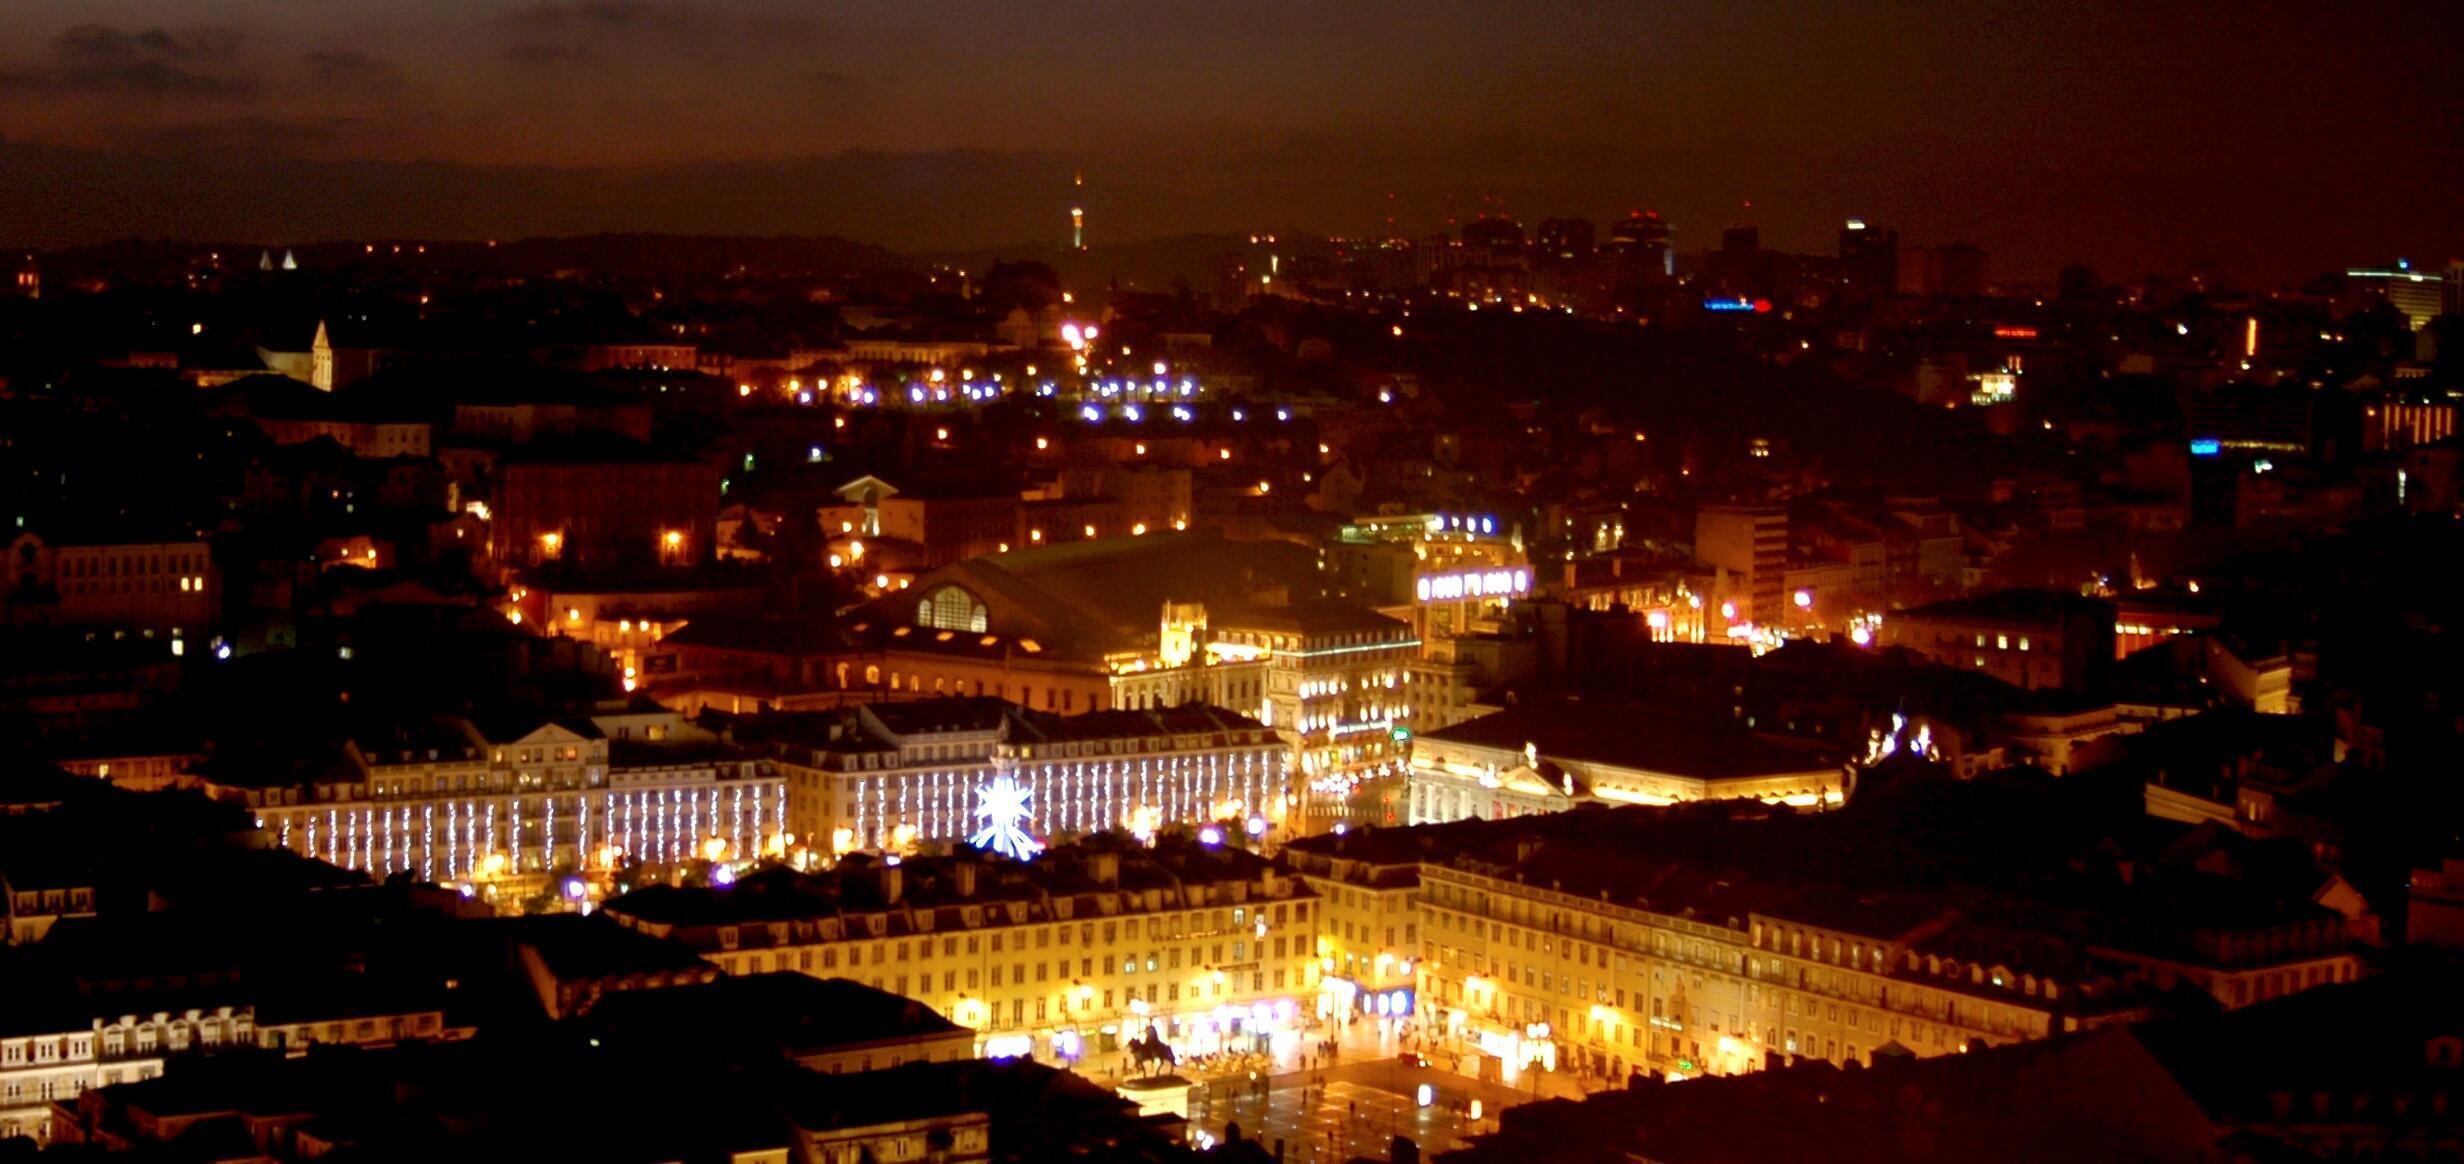 Le Portugal n'a pas retrouvé l'aisance des années d'avant la crise.